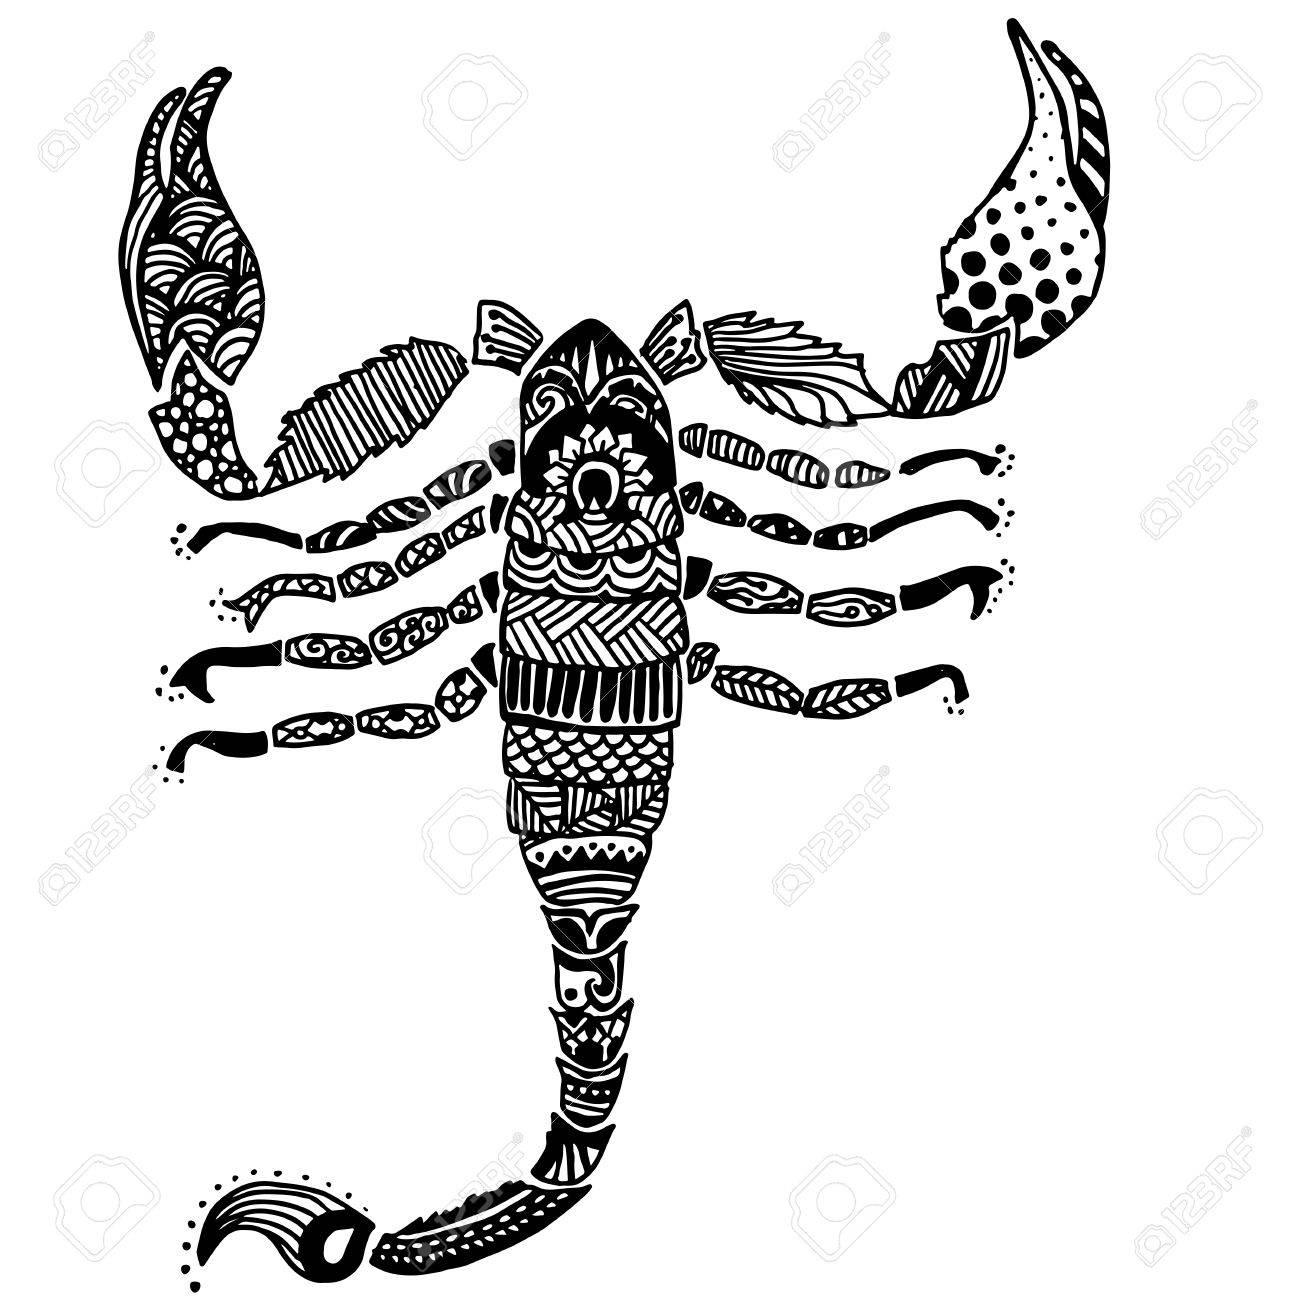 Diseño Del Doodle Del Escorpión Libro Para Colorear Para Adultos Ilustración Vectorial